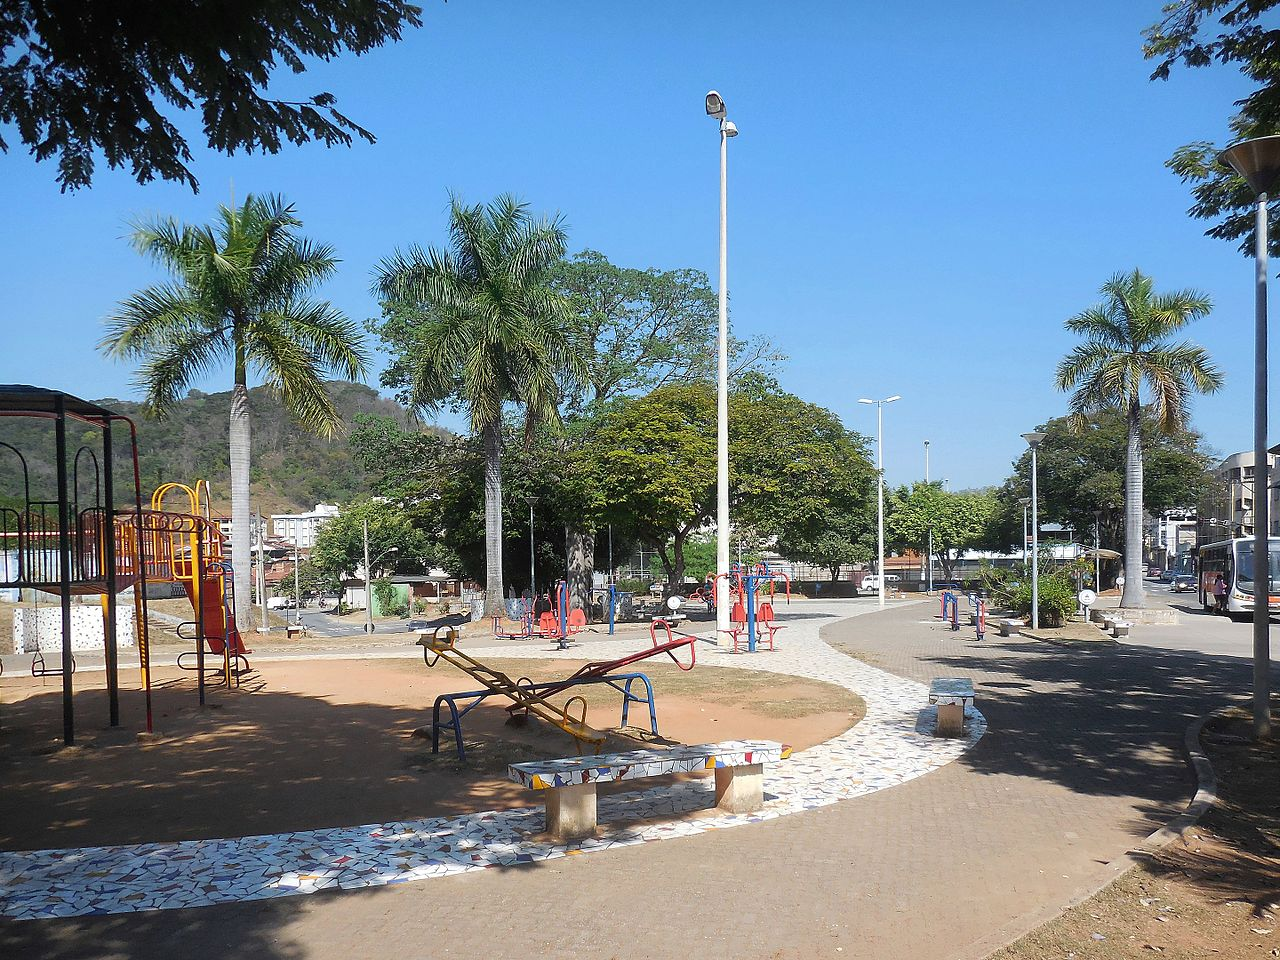 Olaria Minas Gerais fonte: upload.wikimedia.org